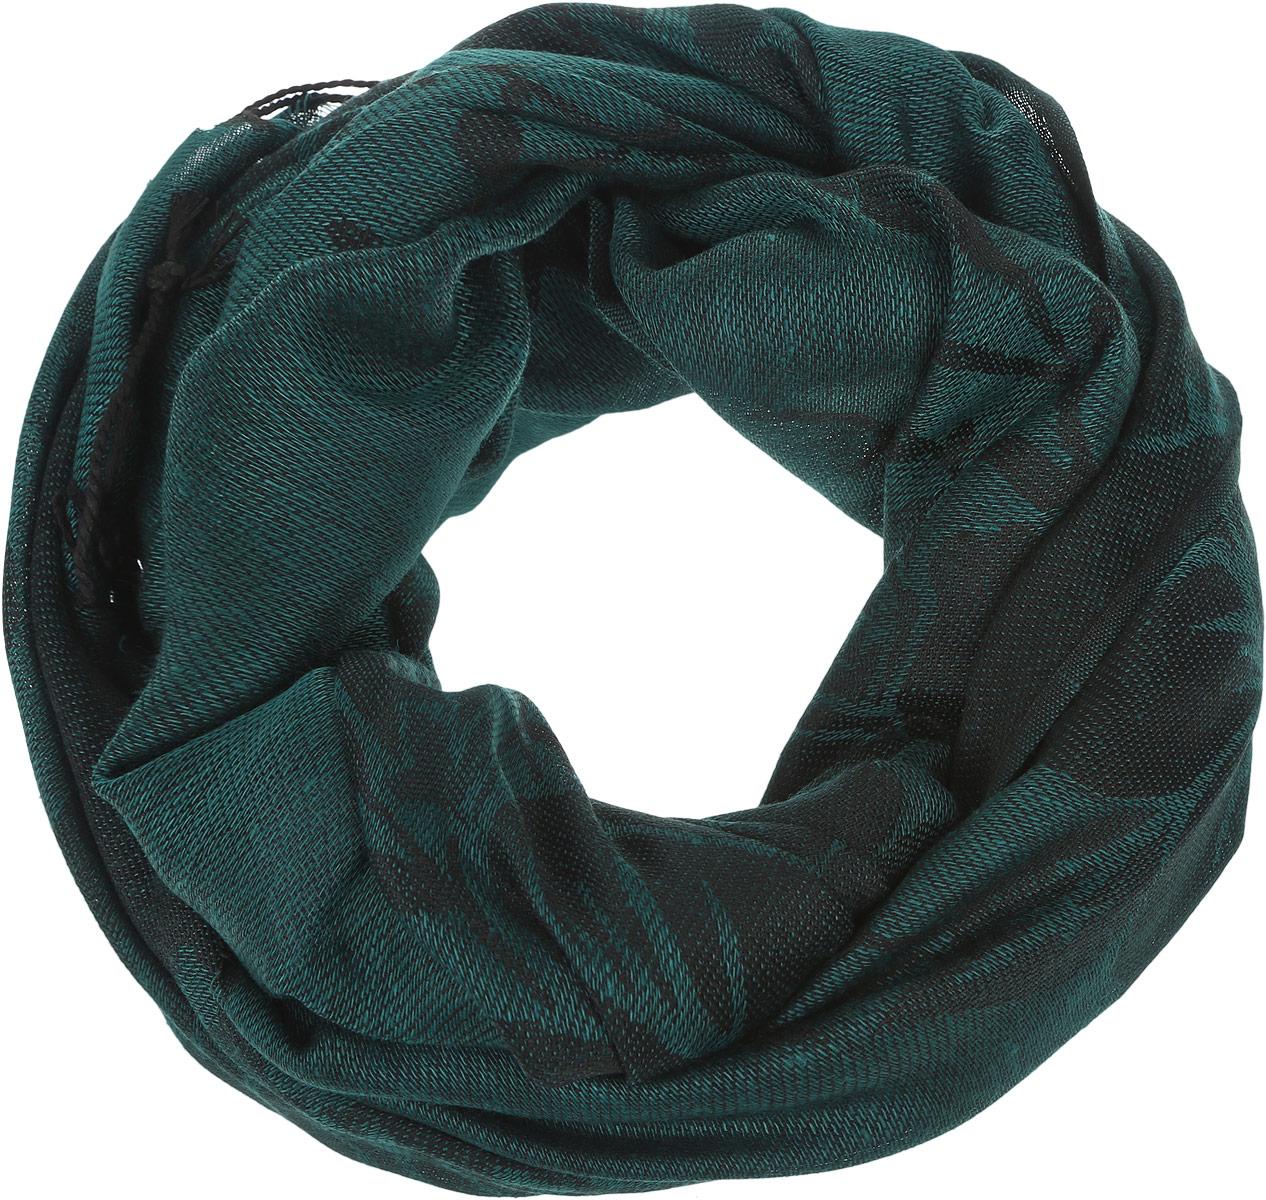 ШарфSCw-142/457-6302Модный женский шарф Sela подарит вам уют и станет стильным аксессуаром, который призван подчеркнуть вашу индивидуальность и женственность. Теплый шарф выполнен из полиэстера, он невероятно мягкий и приятный на ощупь. Шарф оформлен оригинальным цветочным узором и украшен бахромой в виде жгутиков по краям. Этот модный аксессуар гармонично дополнит образ современной женщины, следящей за своим имиджем и стремящейся всегда оставаться стильной и элегантной. Такой шарф украсит любой наряд и согреет вас в непогоду, с ним вы всегда будете выглядеть изысканно и оригинально.